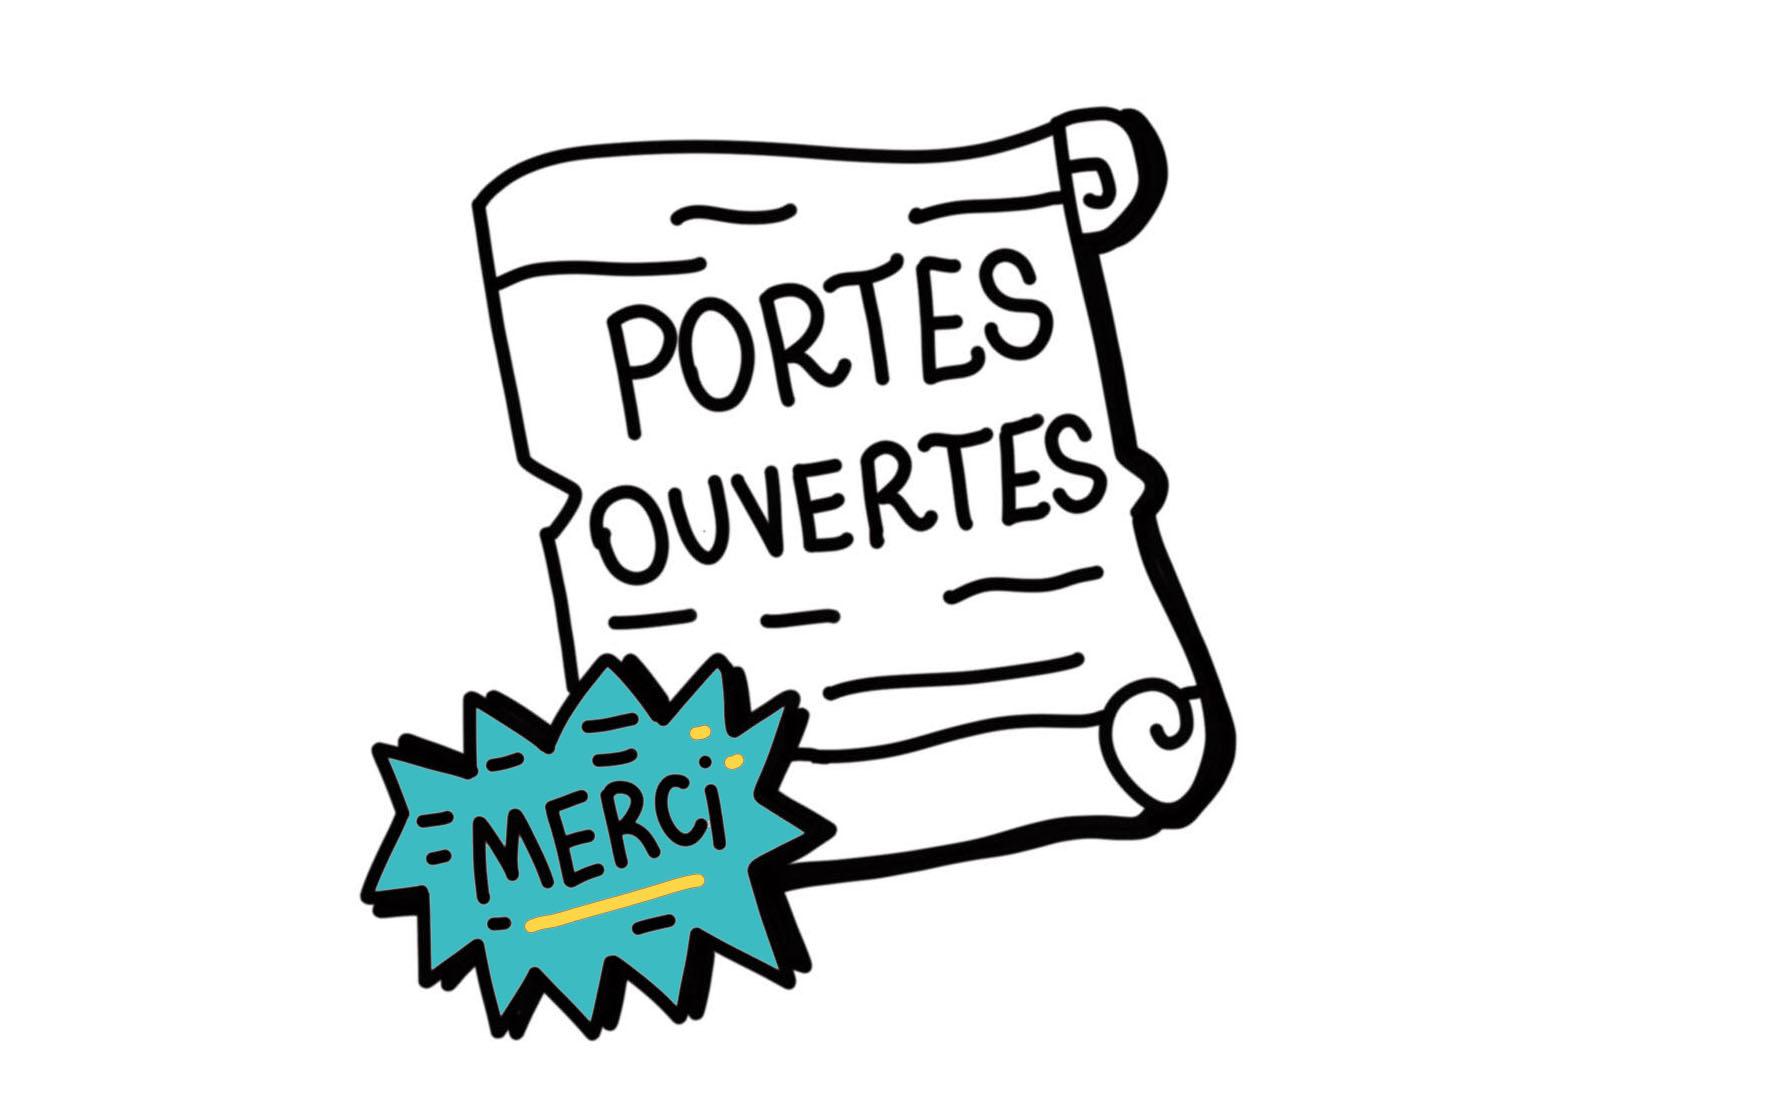 merci2-1526485638.jpg